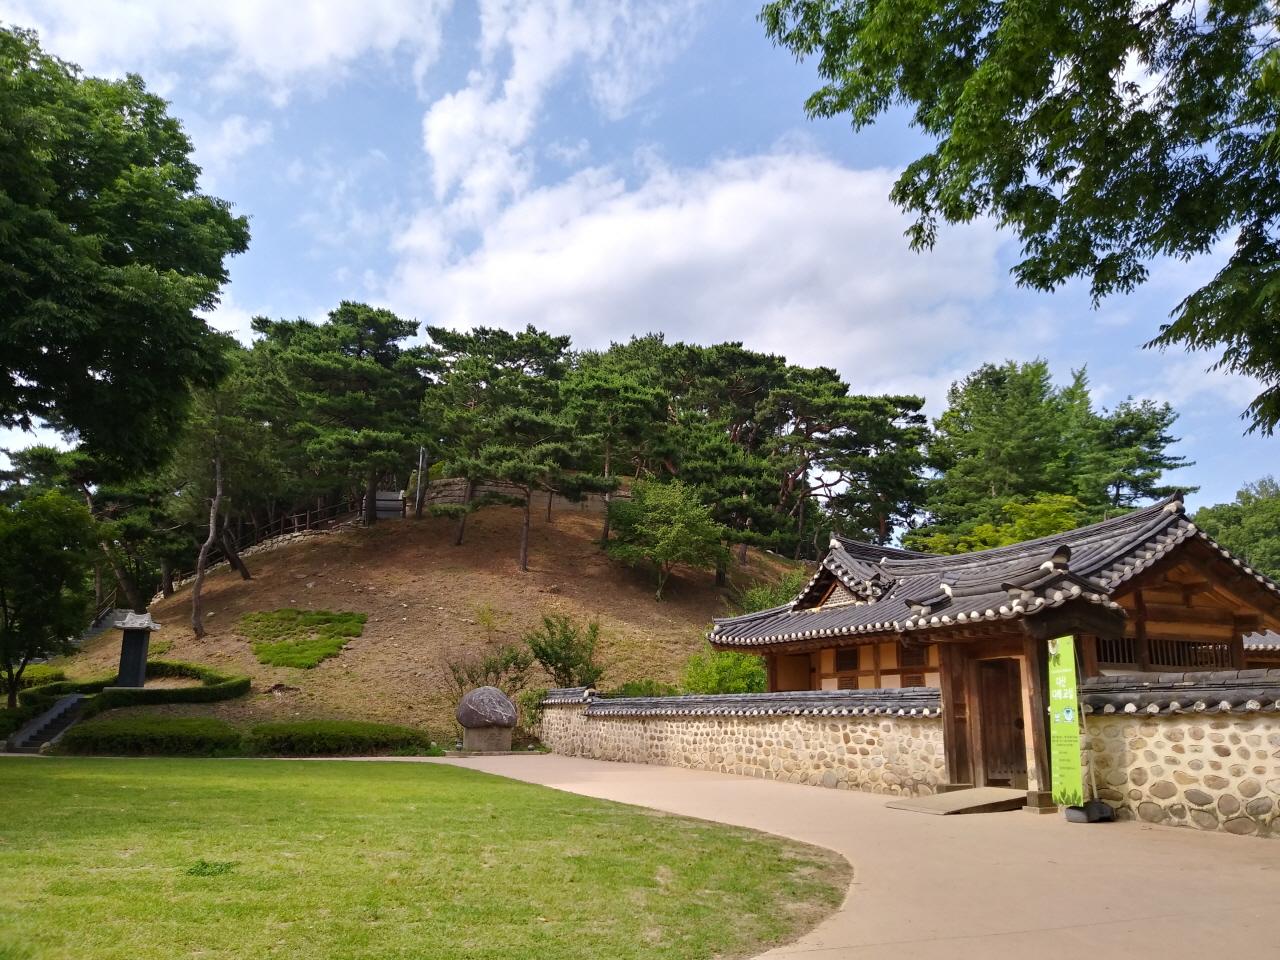 다산 유적지 정약용 생가와 뒷동산 묘소